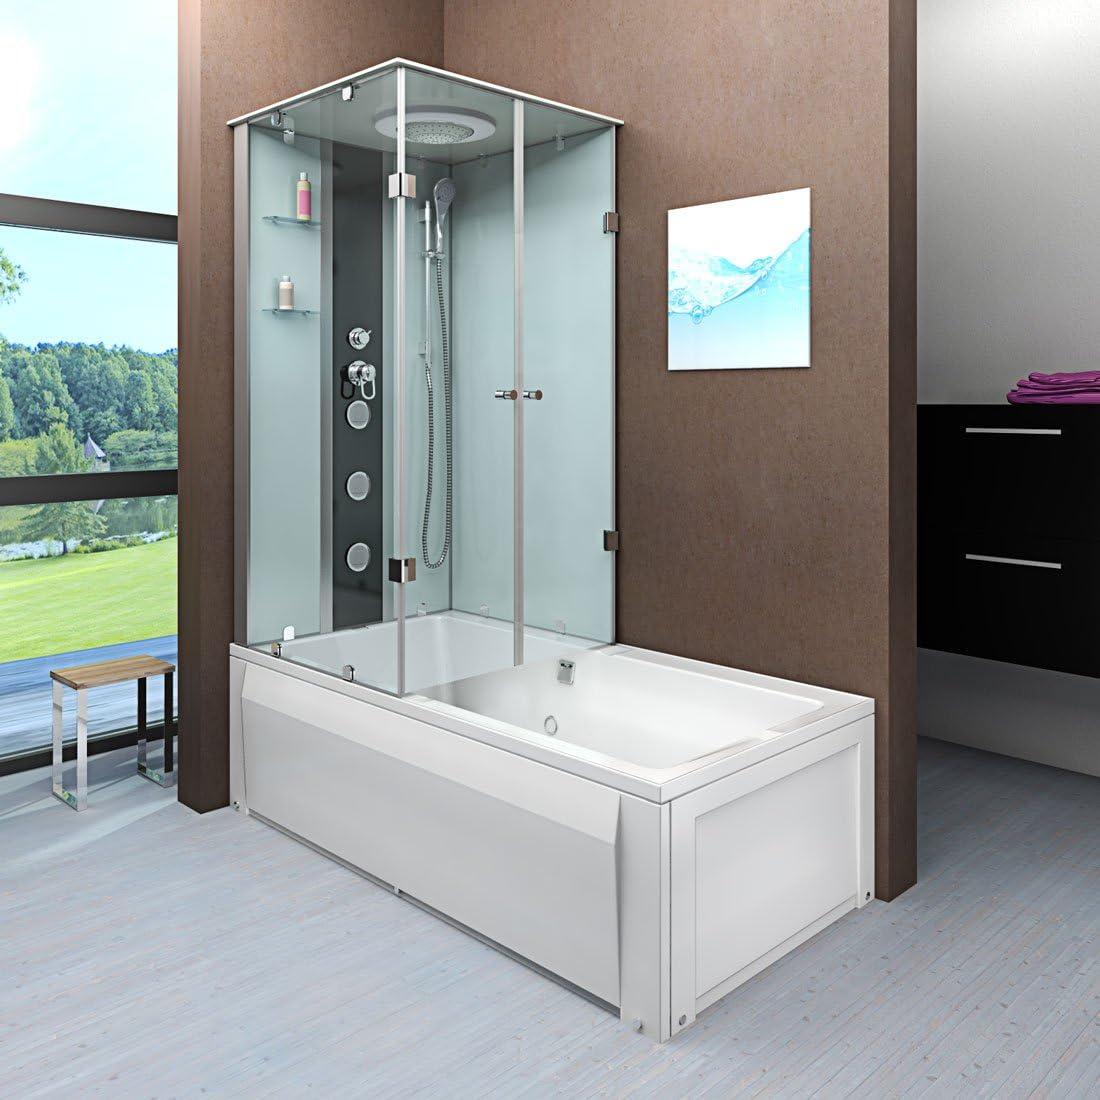 Acqua Vapore dtp50 de a000r bañera ducha Templo bañera ducha cabina de ducha 90 x 180: Amazon.es: Bricolaje y herramientas